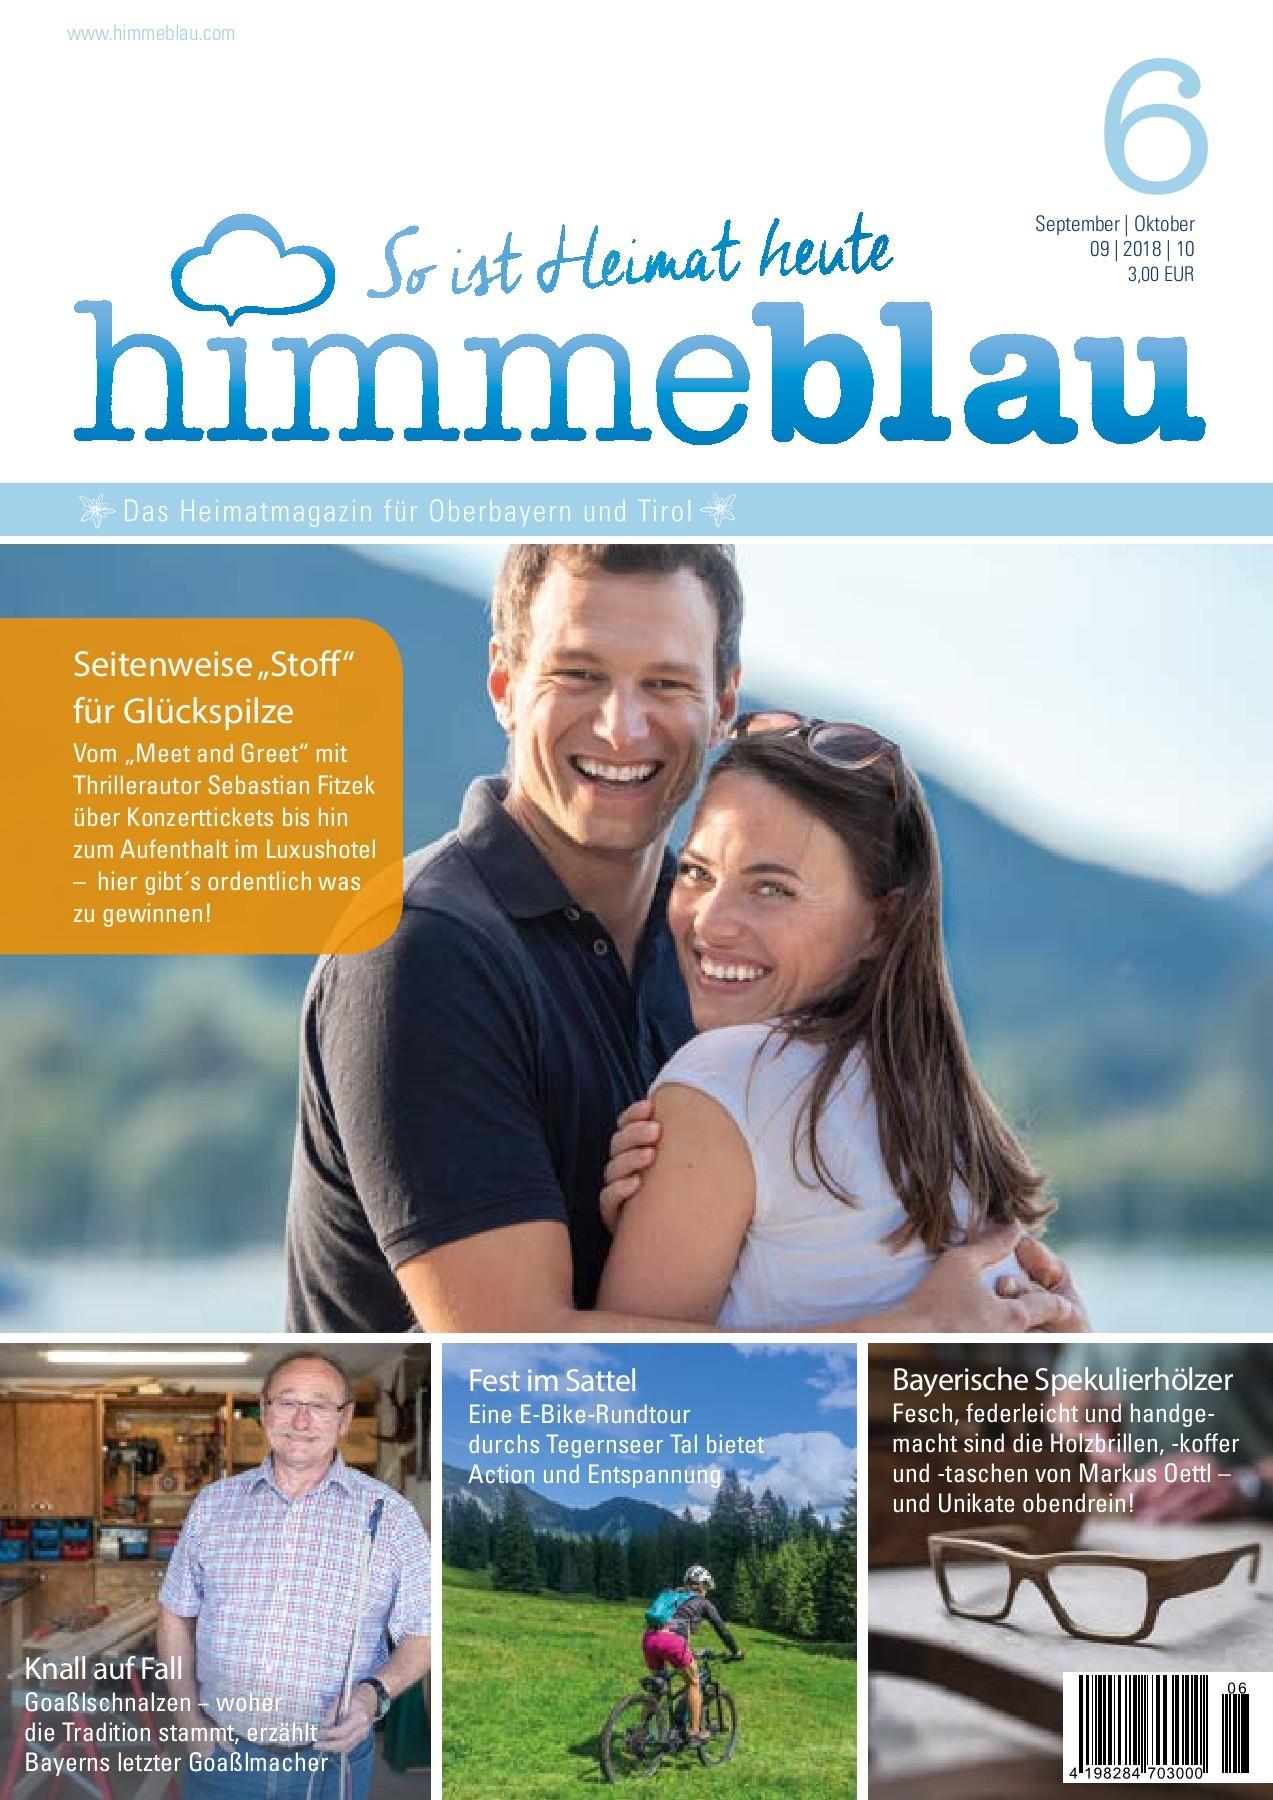 Single frauen in luftenberg an der donau Wattens single